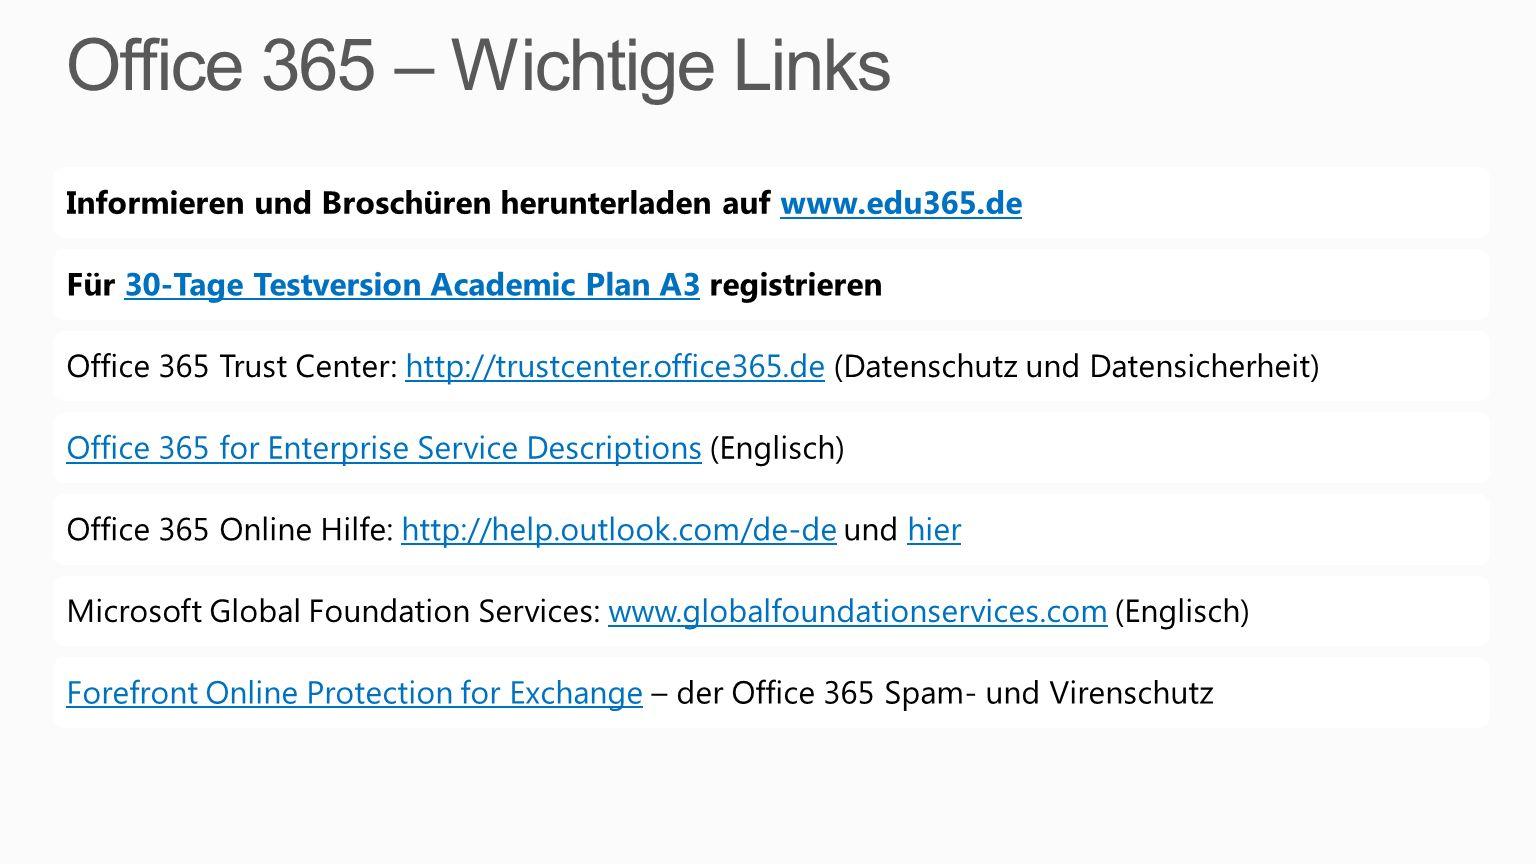 Office 365 – Wichtige Links